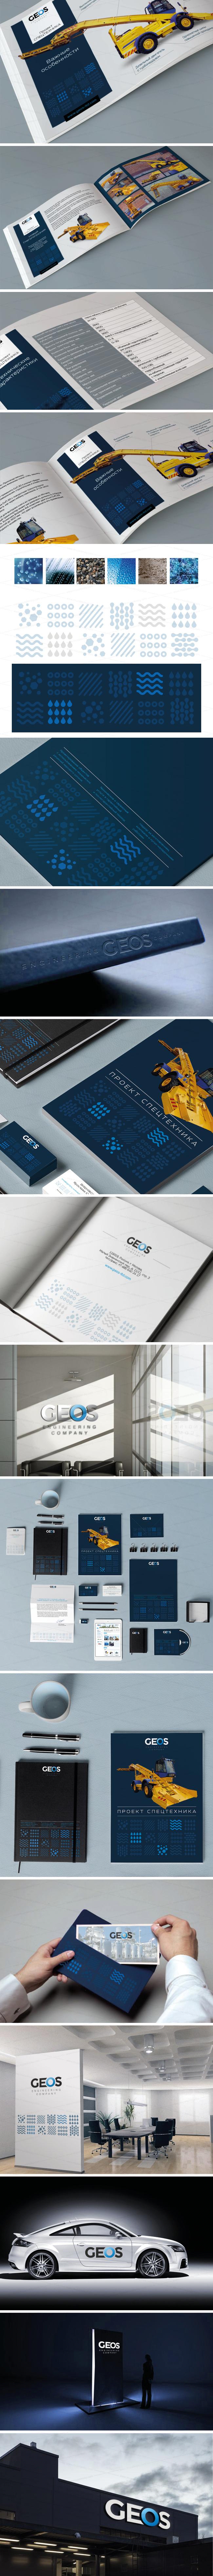 Presentation_GEOS_my